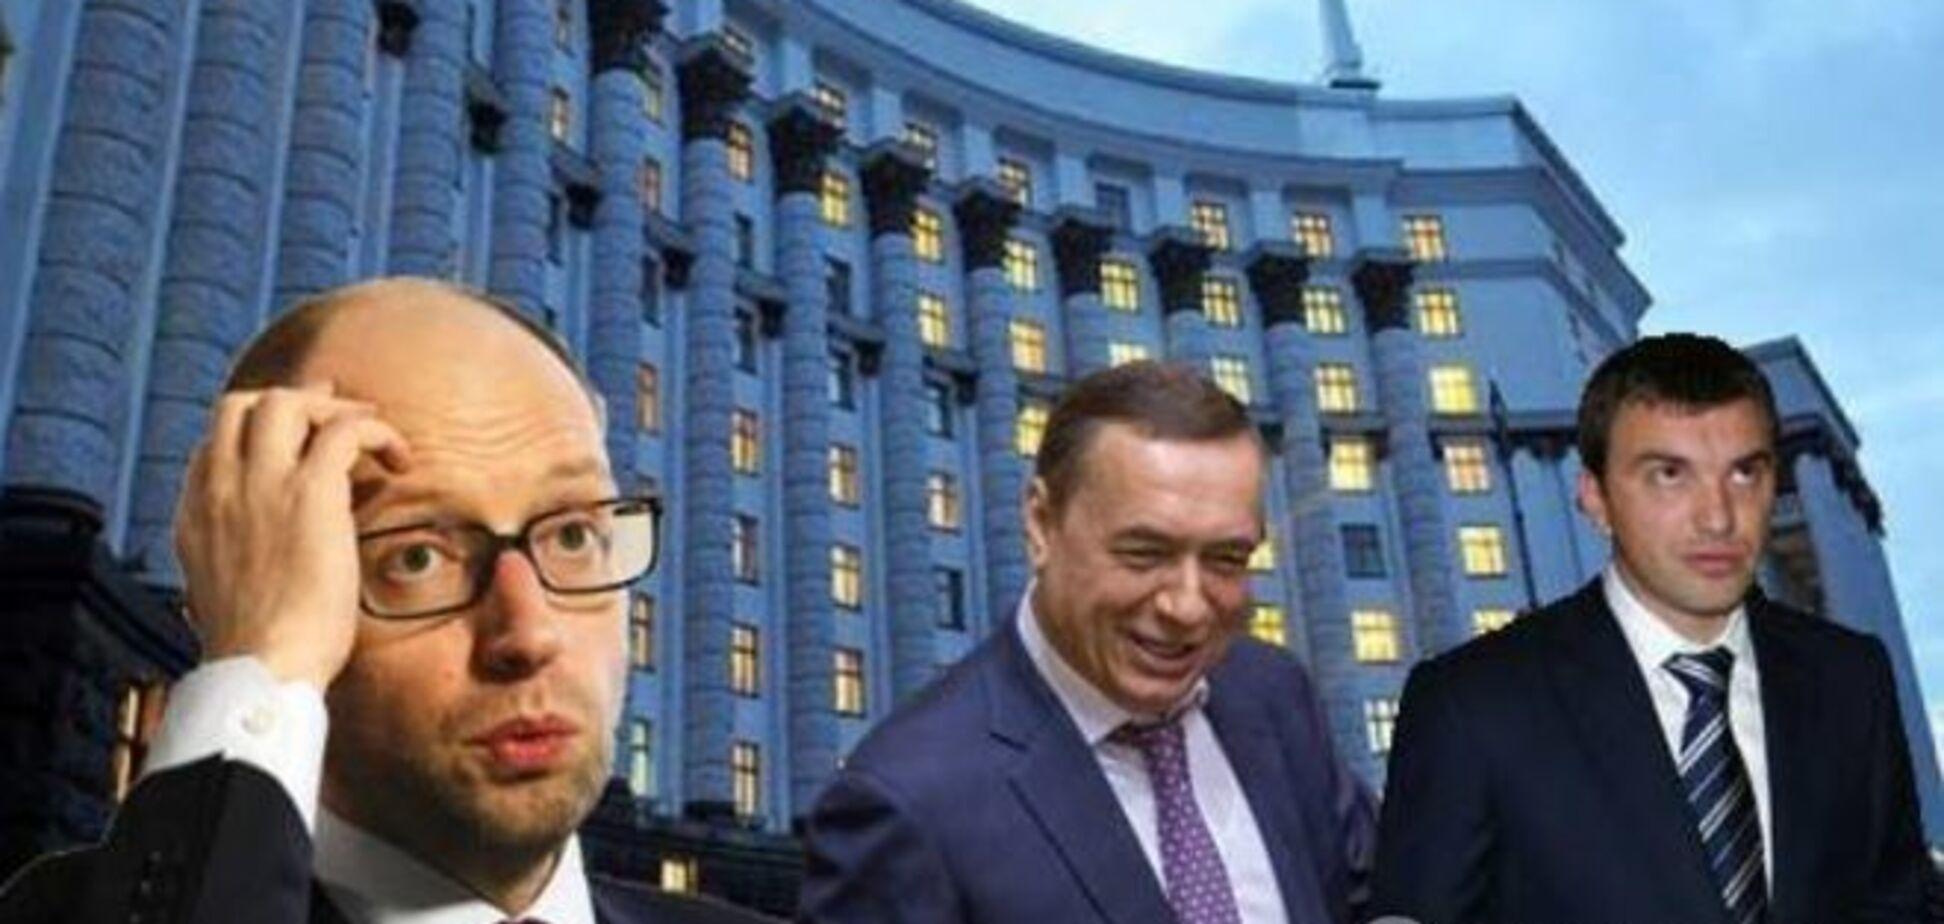 Яценюк лоббирует интересы трех соратников - Шевченко